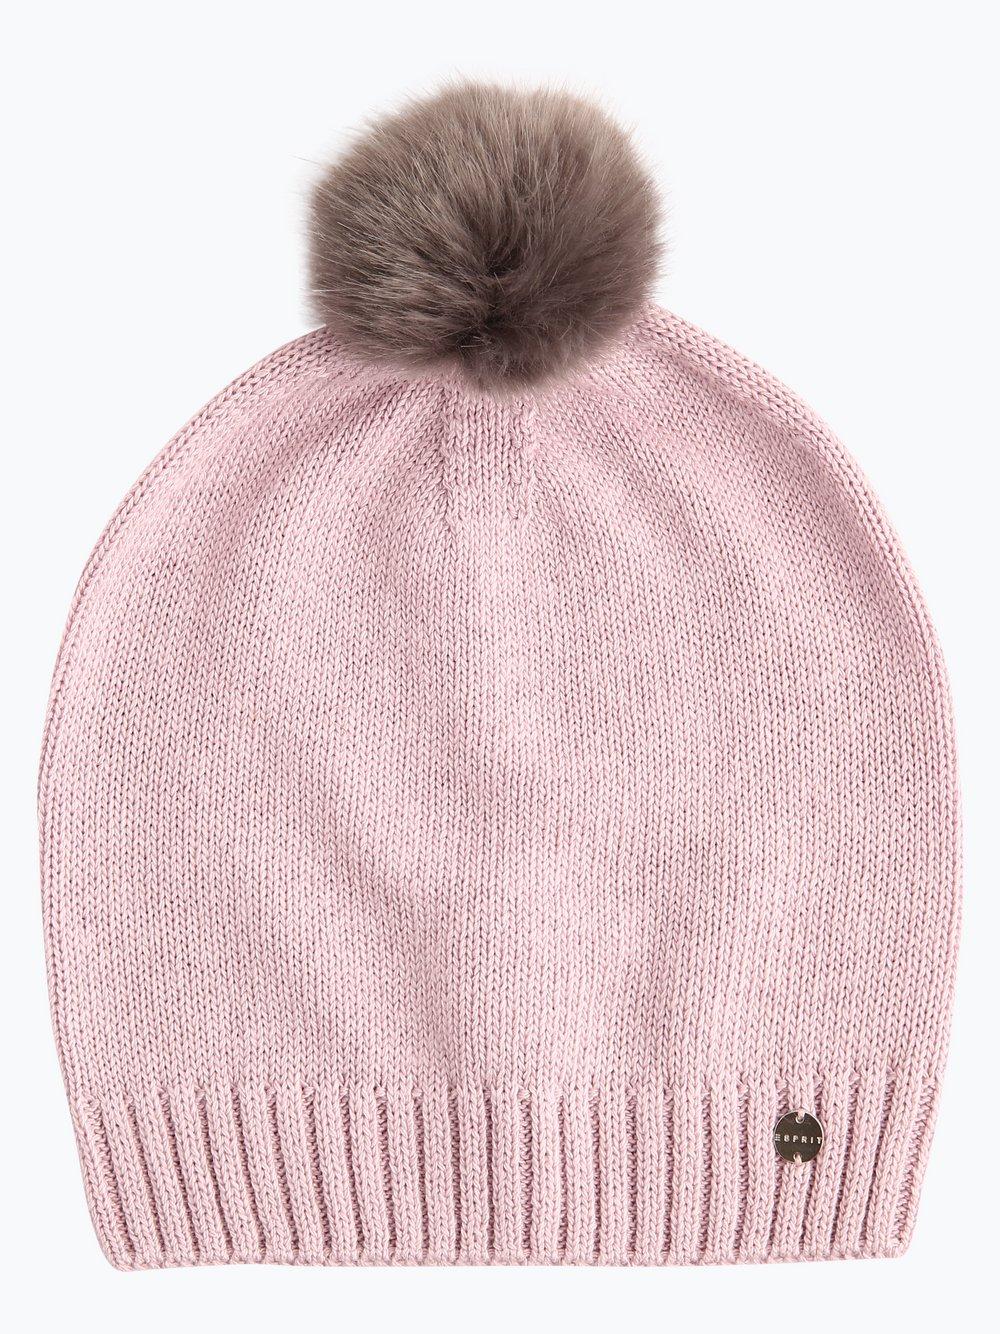 fce1f0fa909f7 Esprit Casual Damen Mütze online kaufen   PEEK-UND-CLOPPENBURG.DE